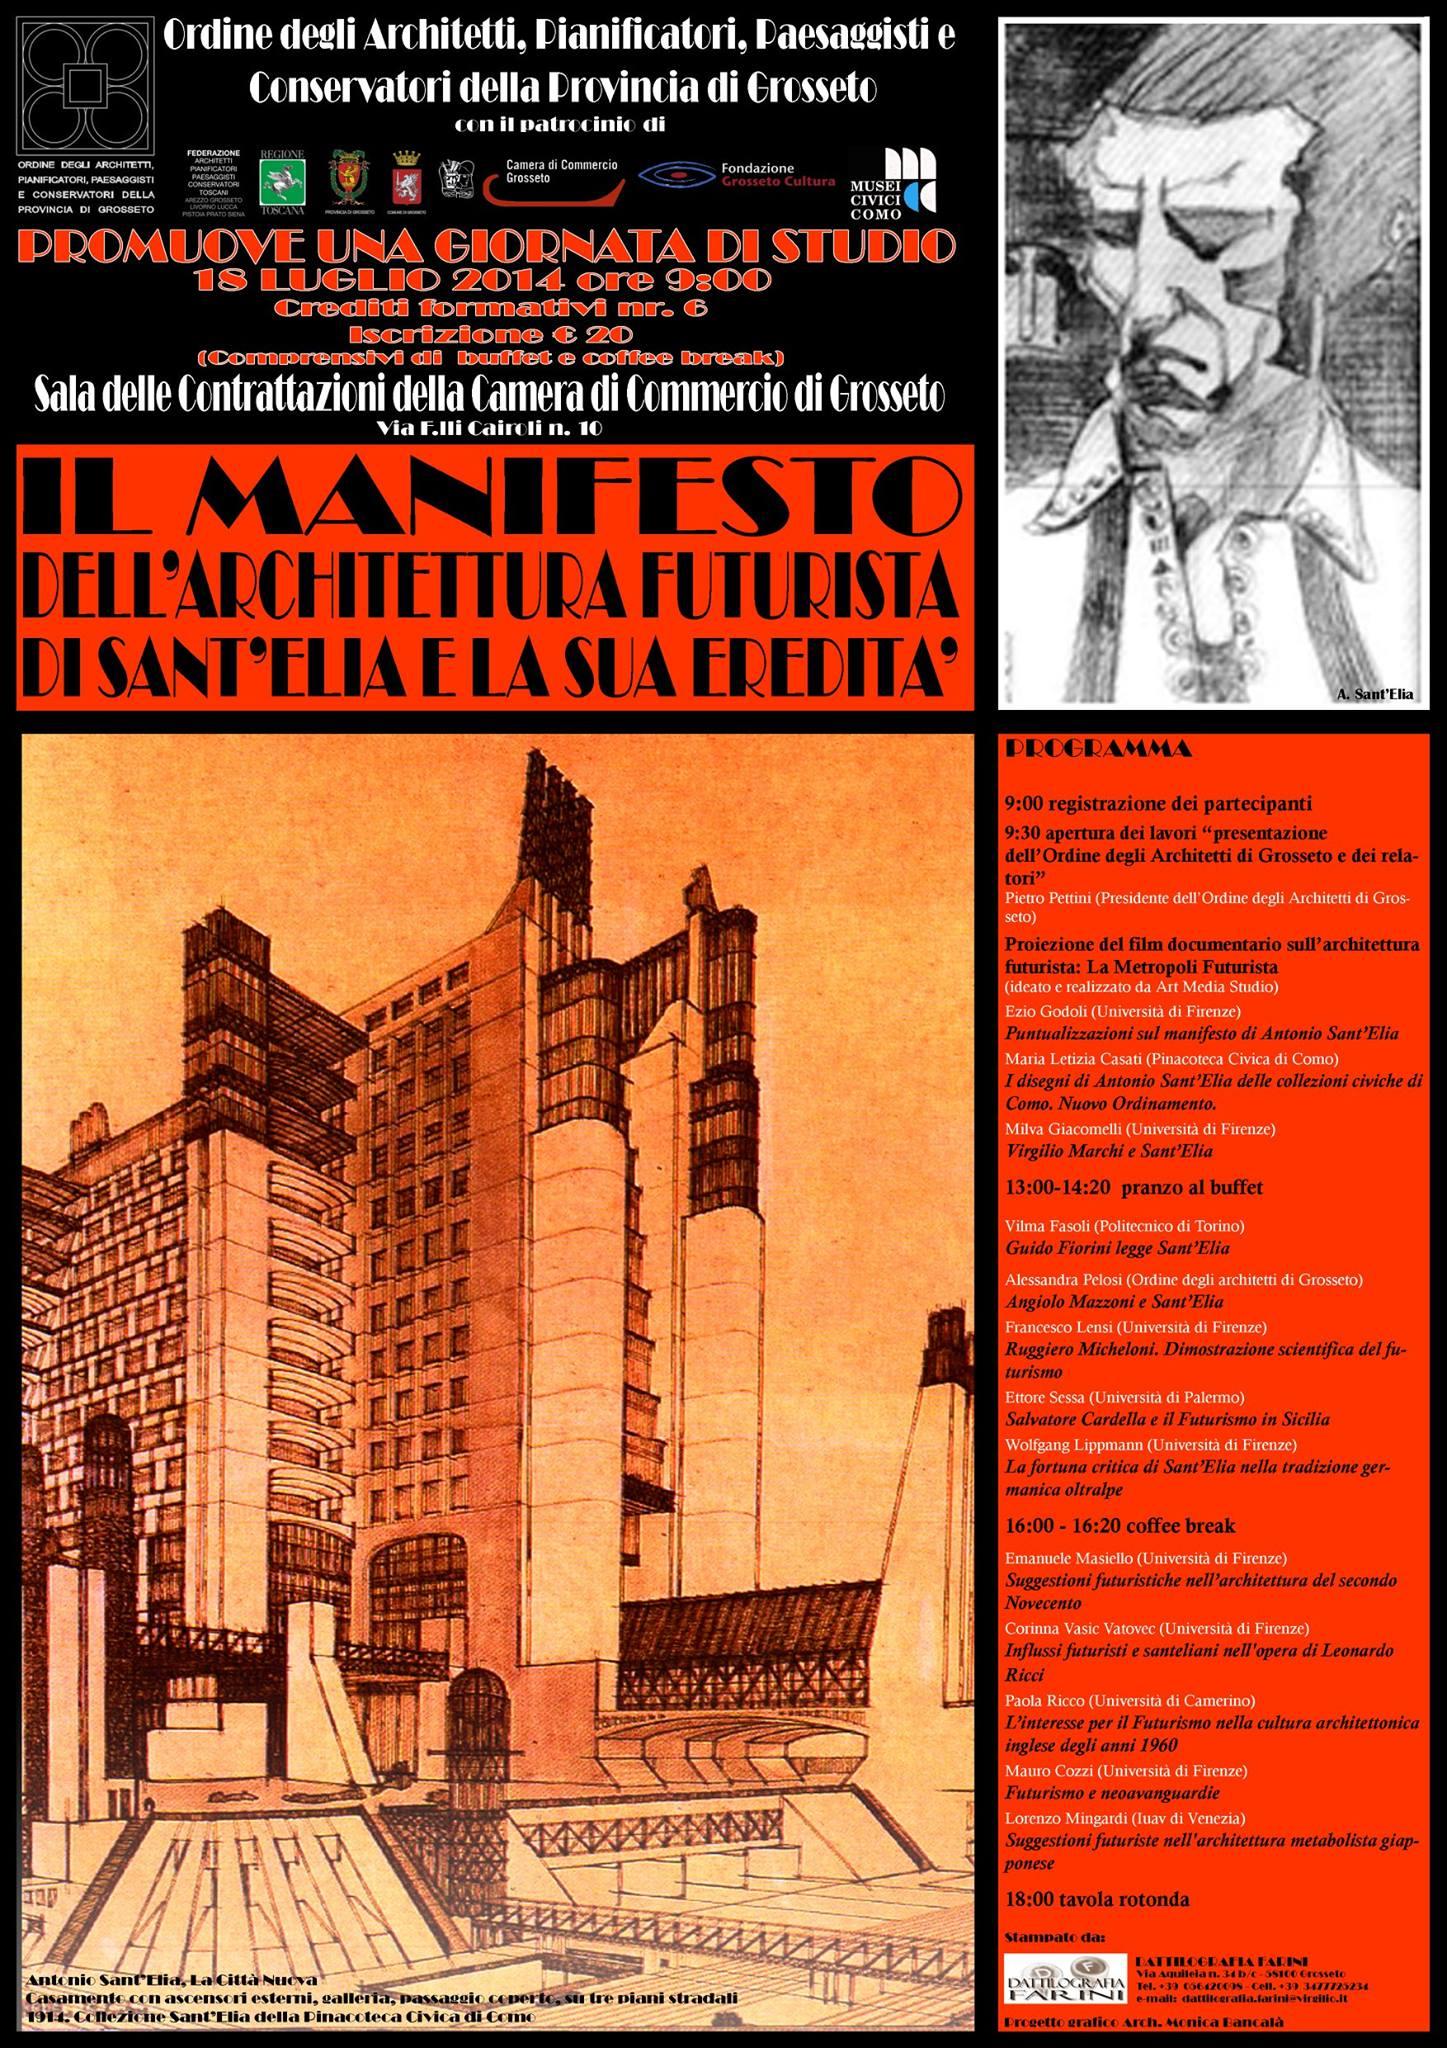 Il manifesto dell 39 architettura futurista di sant 39 elia e la for Architetto sant elia